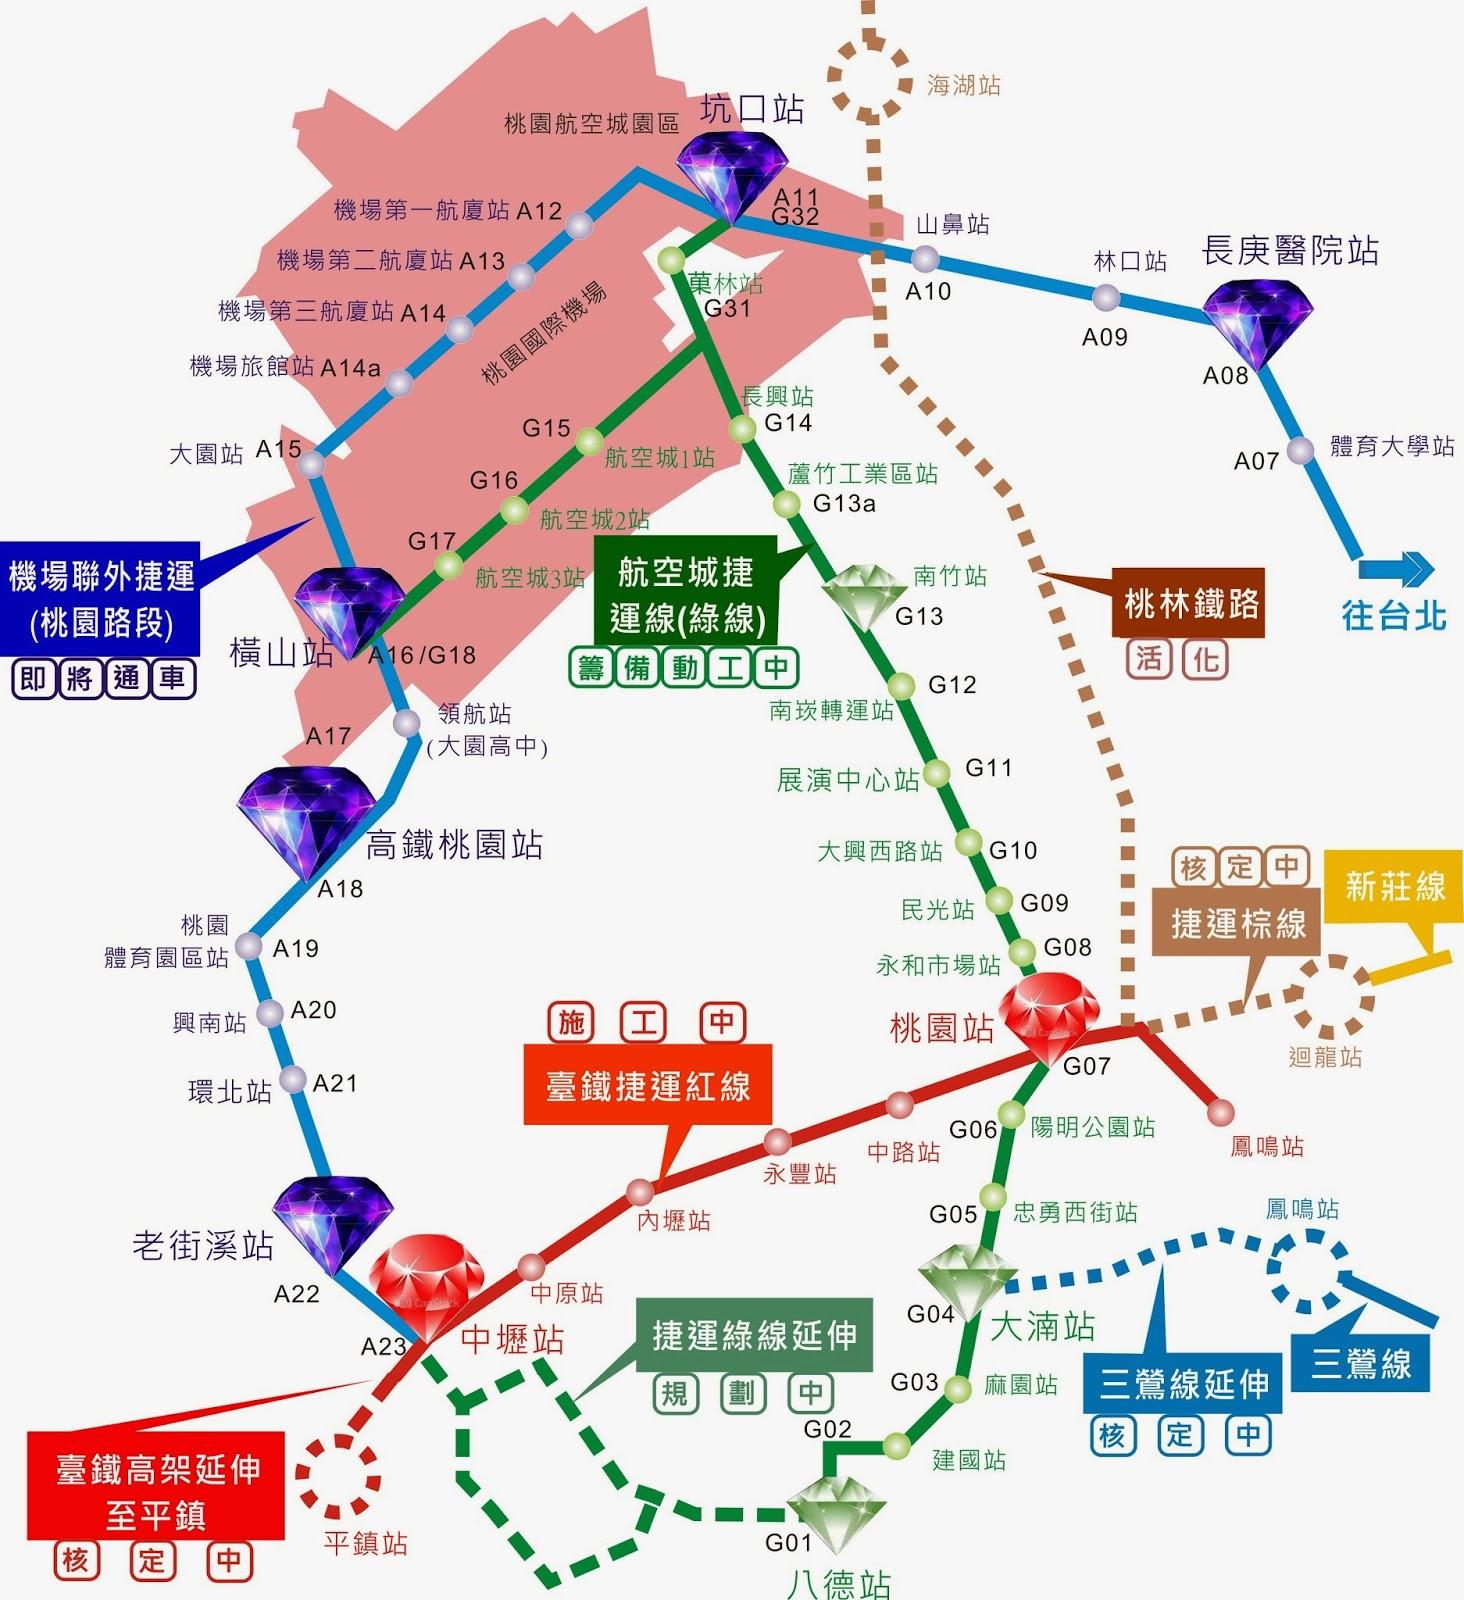 桃園捷運藍線進度|進度- 桃園捷運藍線進度|進度 - 快熱資訊 - 走進時代